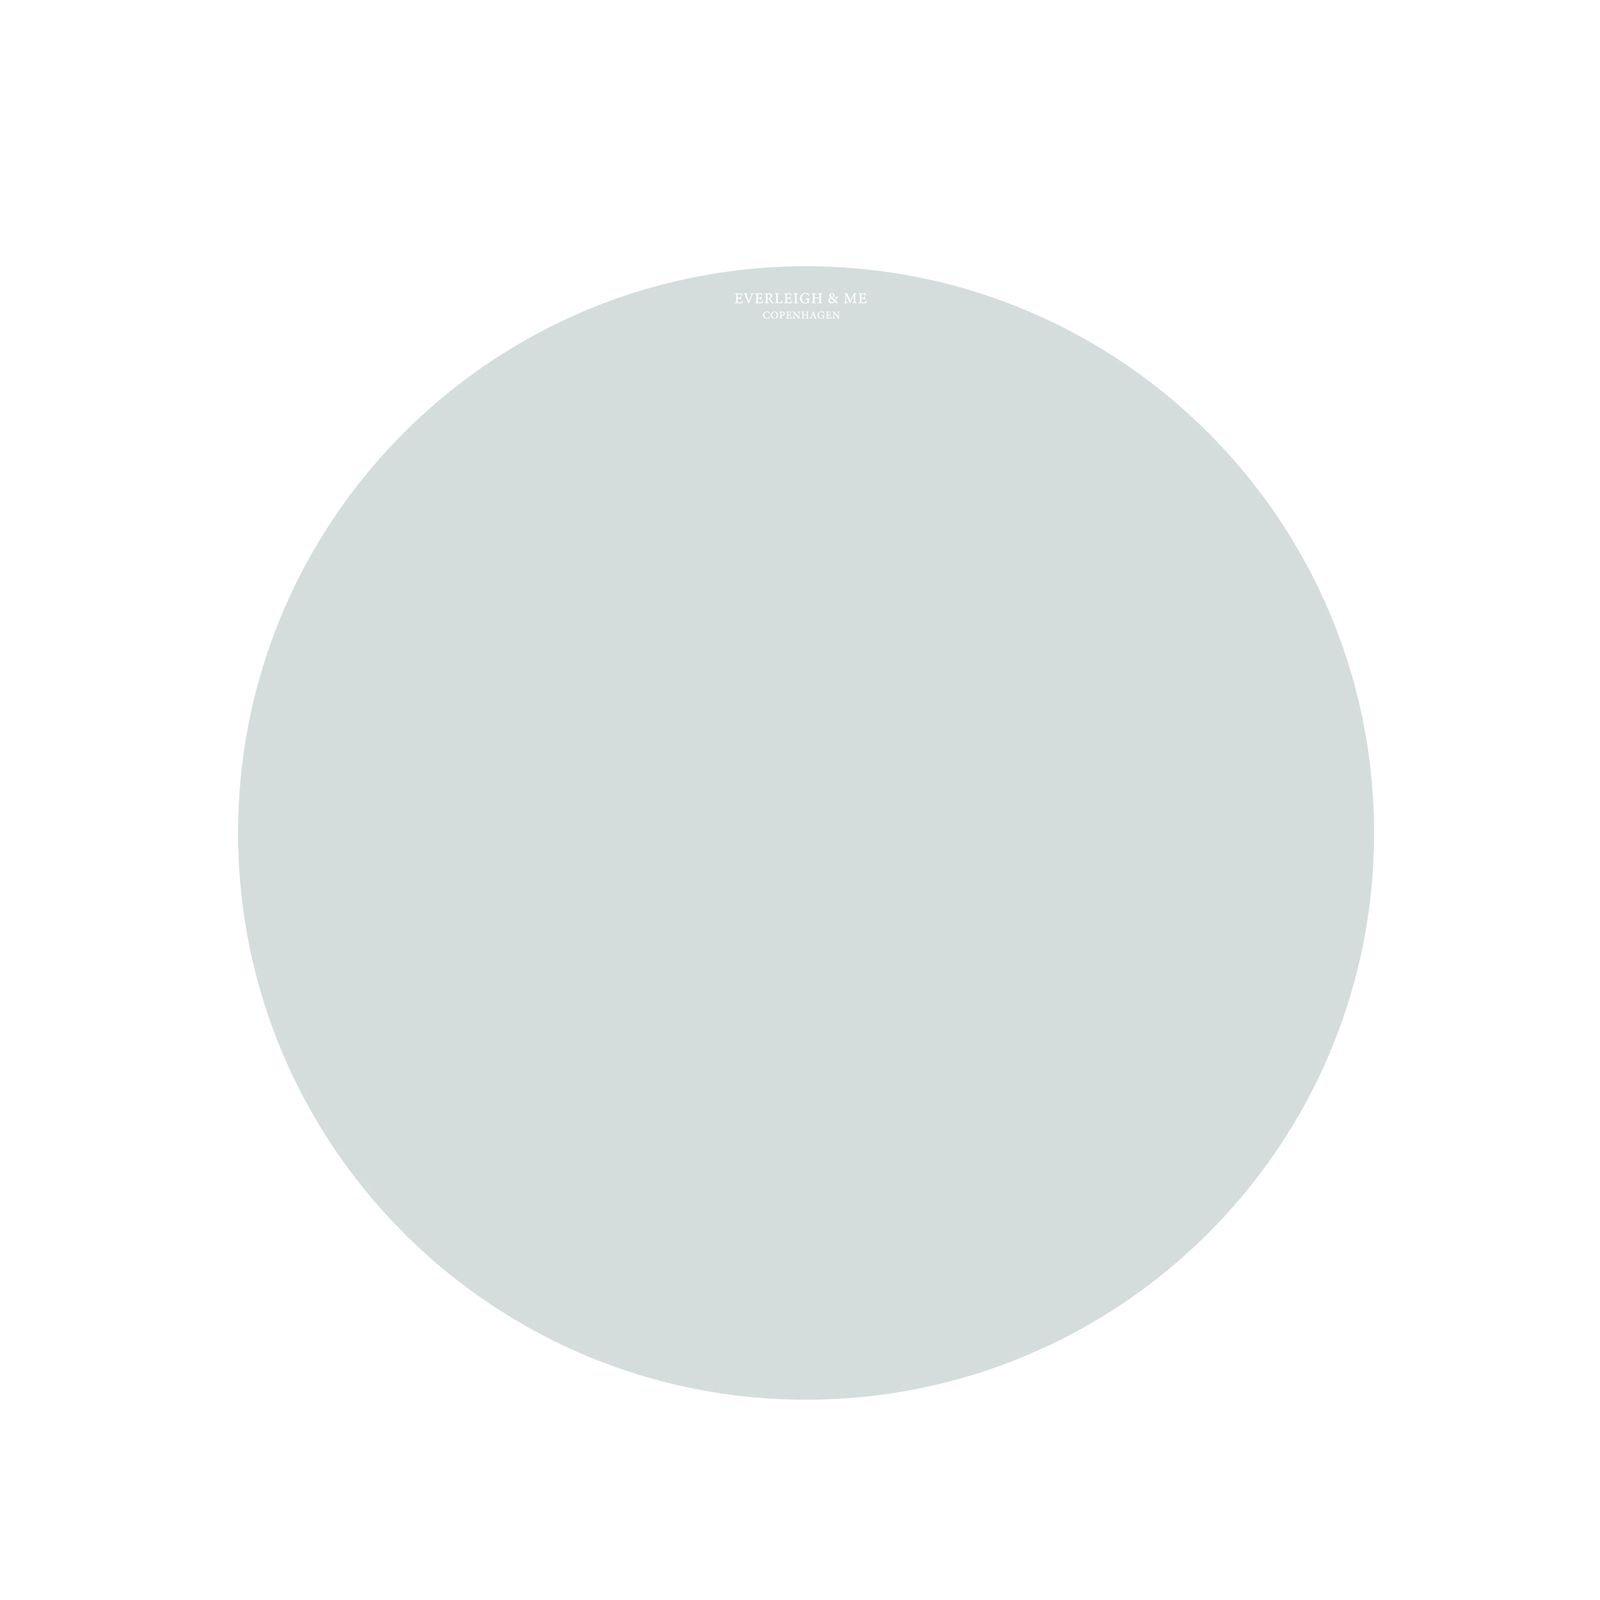 Everleigh & Me - Splat Mat, Cloud Grey (38CLOUDGREY)